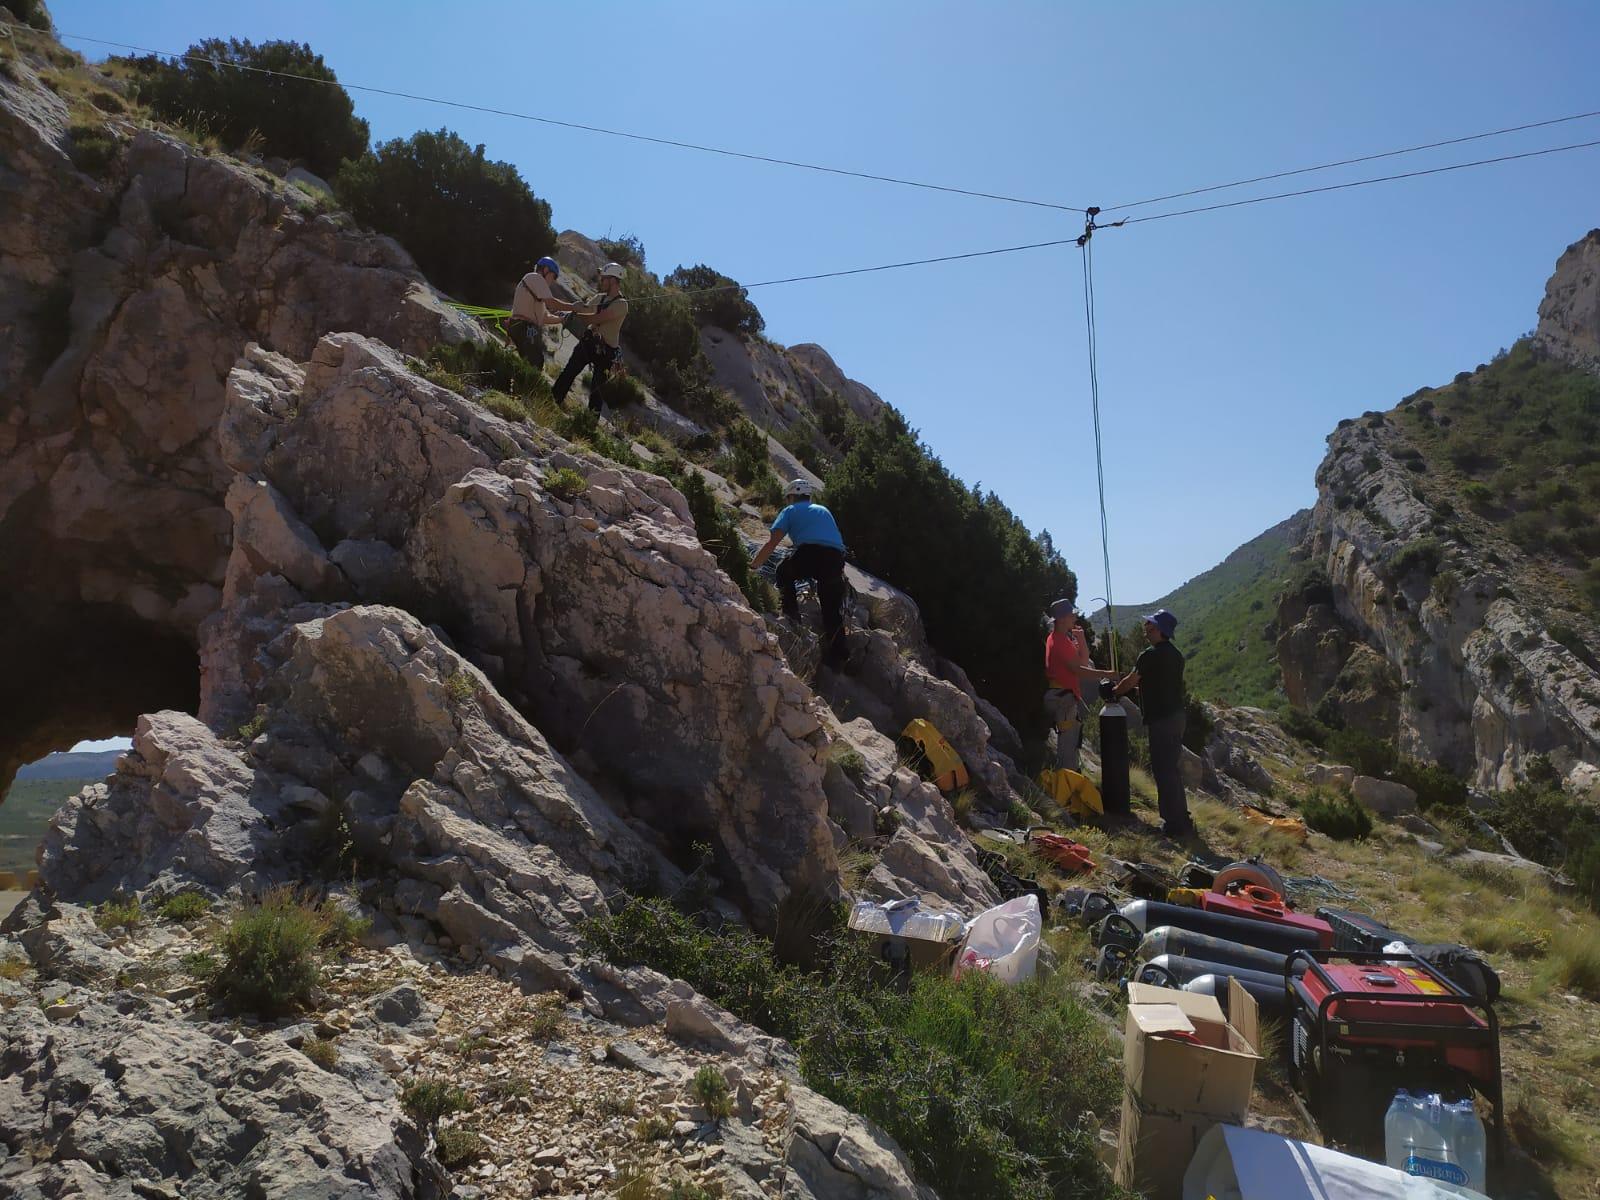 Colaboración en la extracción del trailer caído en el barranco Aguas Vivas, en Segura de Baños